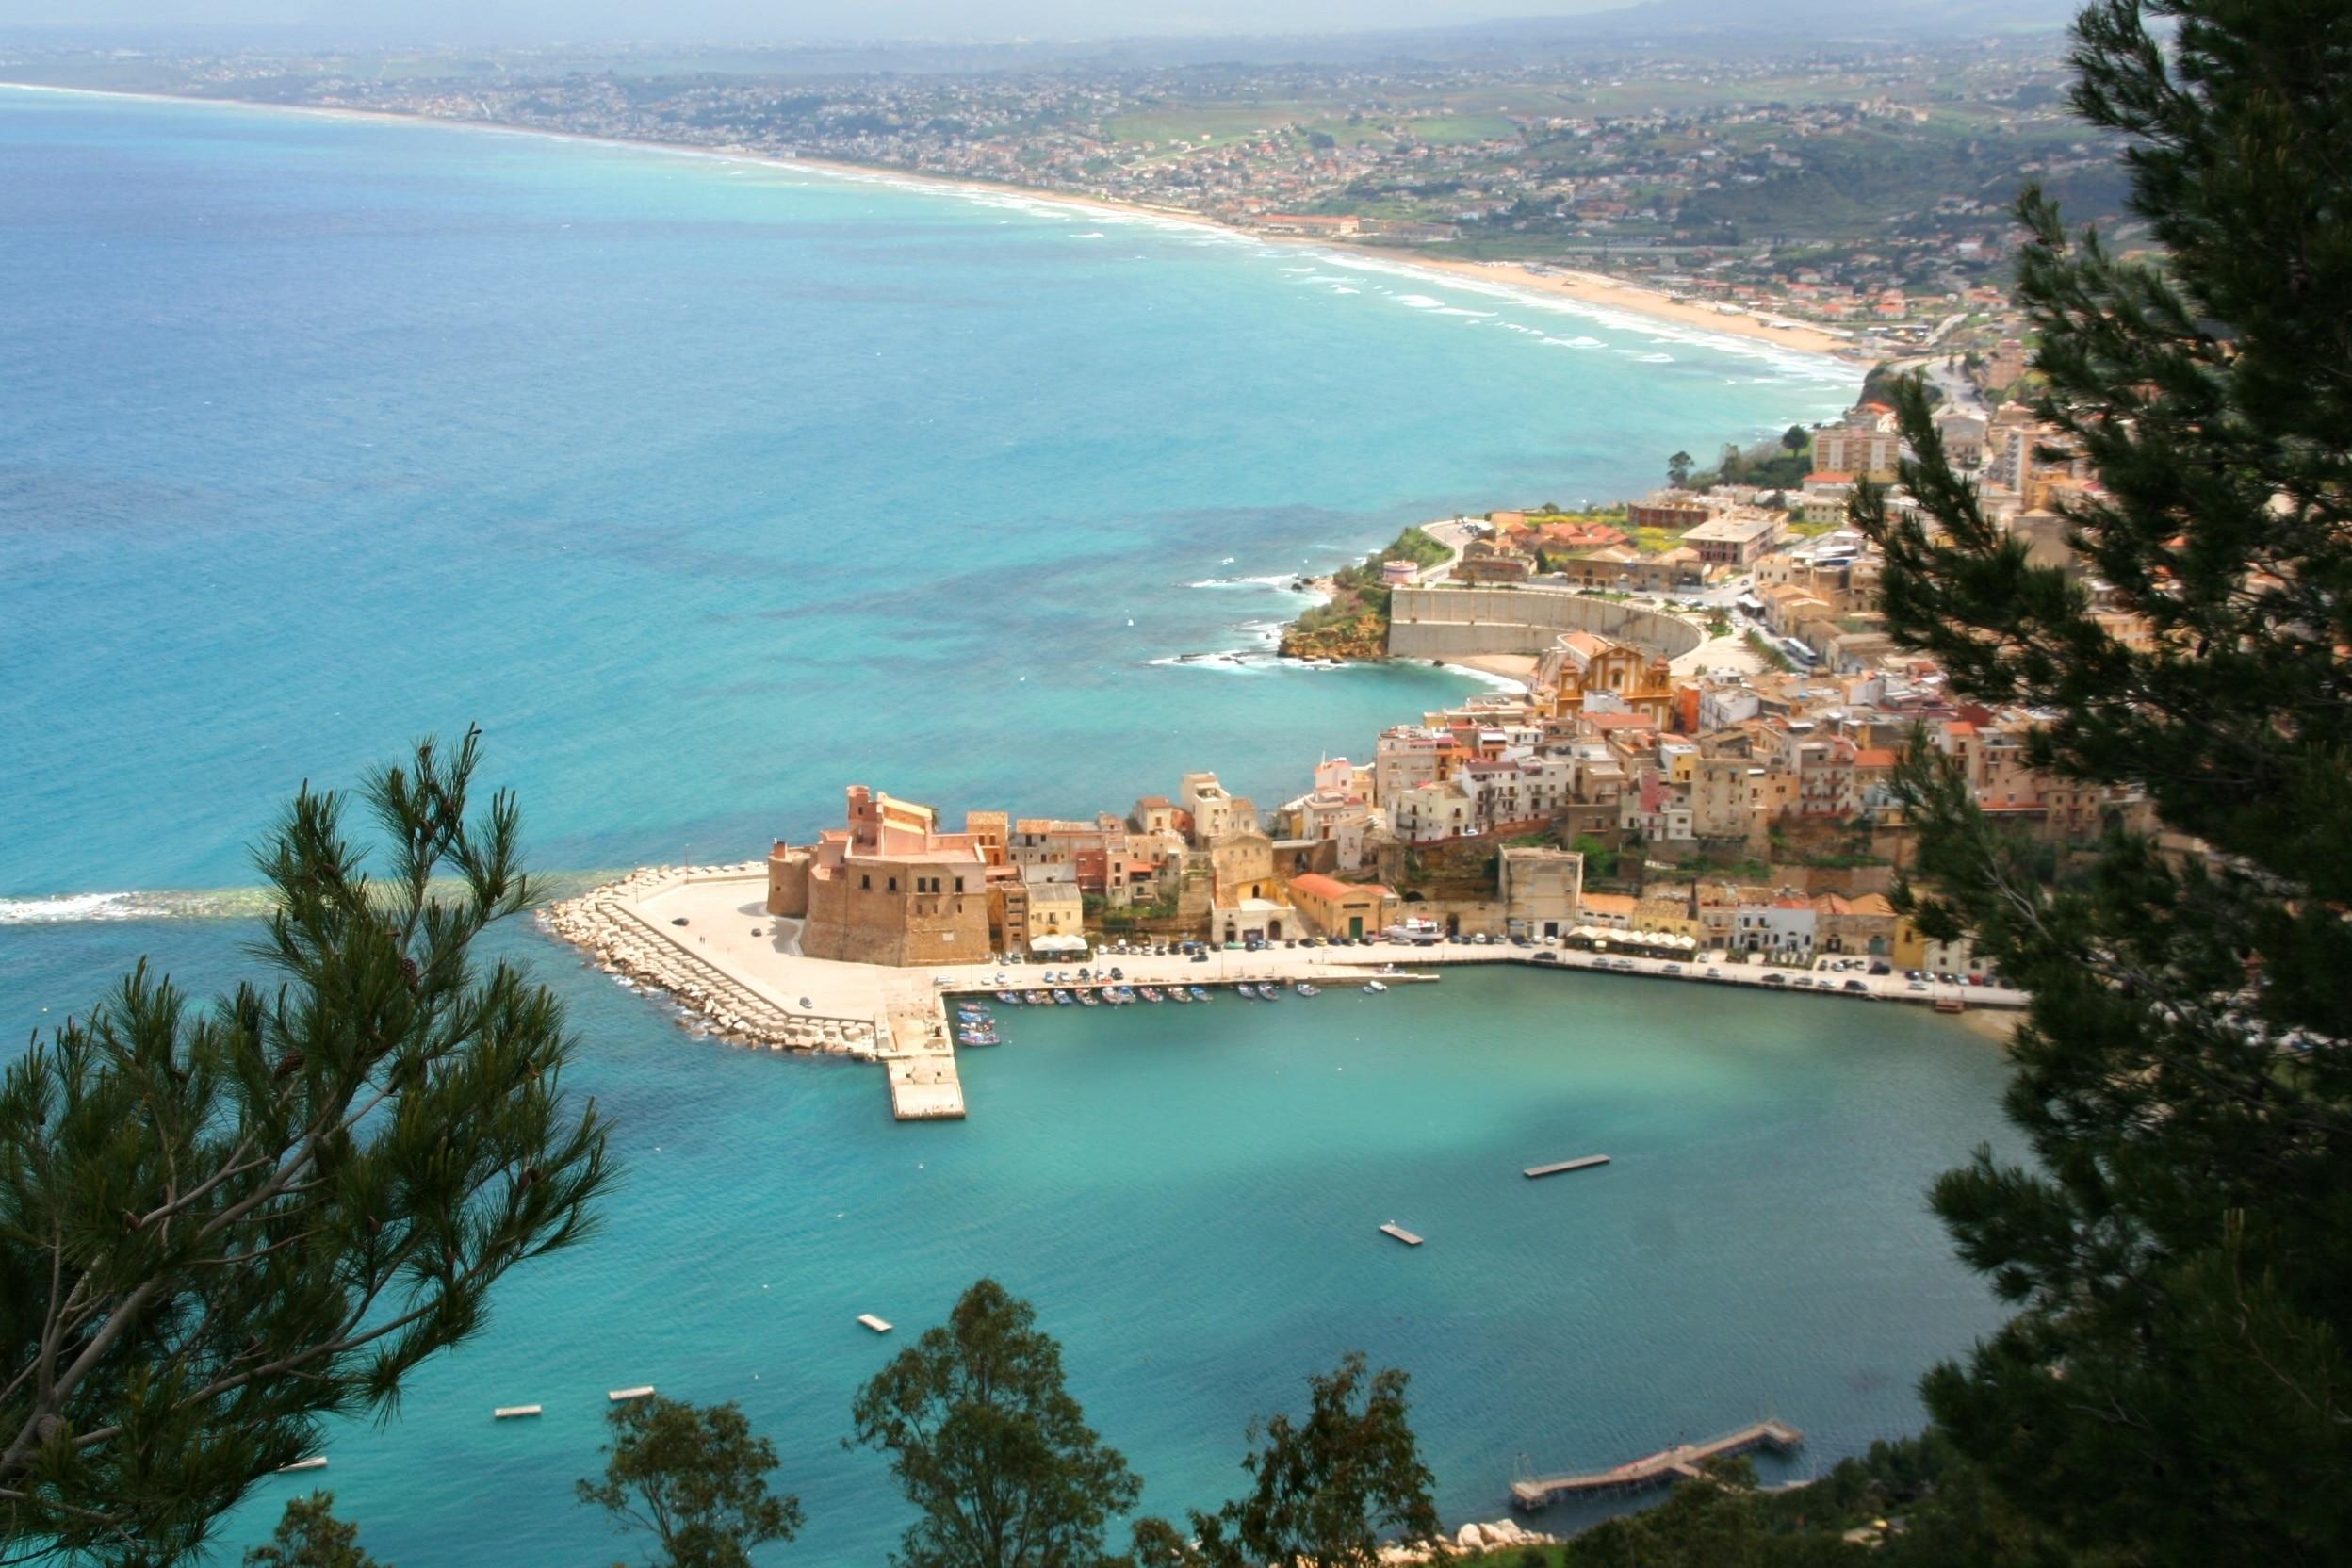 Strand von Castellammare del Golfo, Castellammare del Golfo, Sizilien, Italien